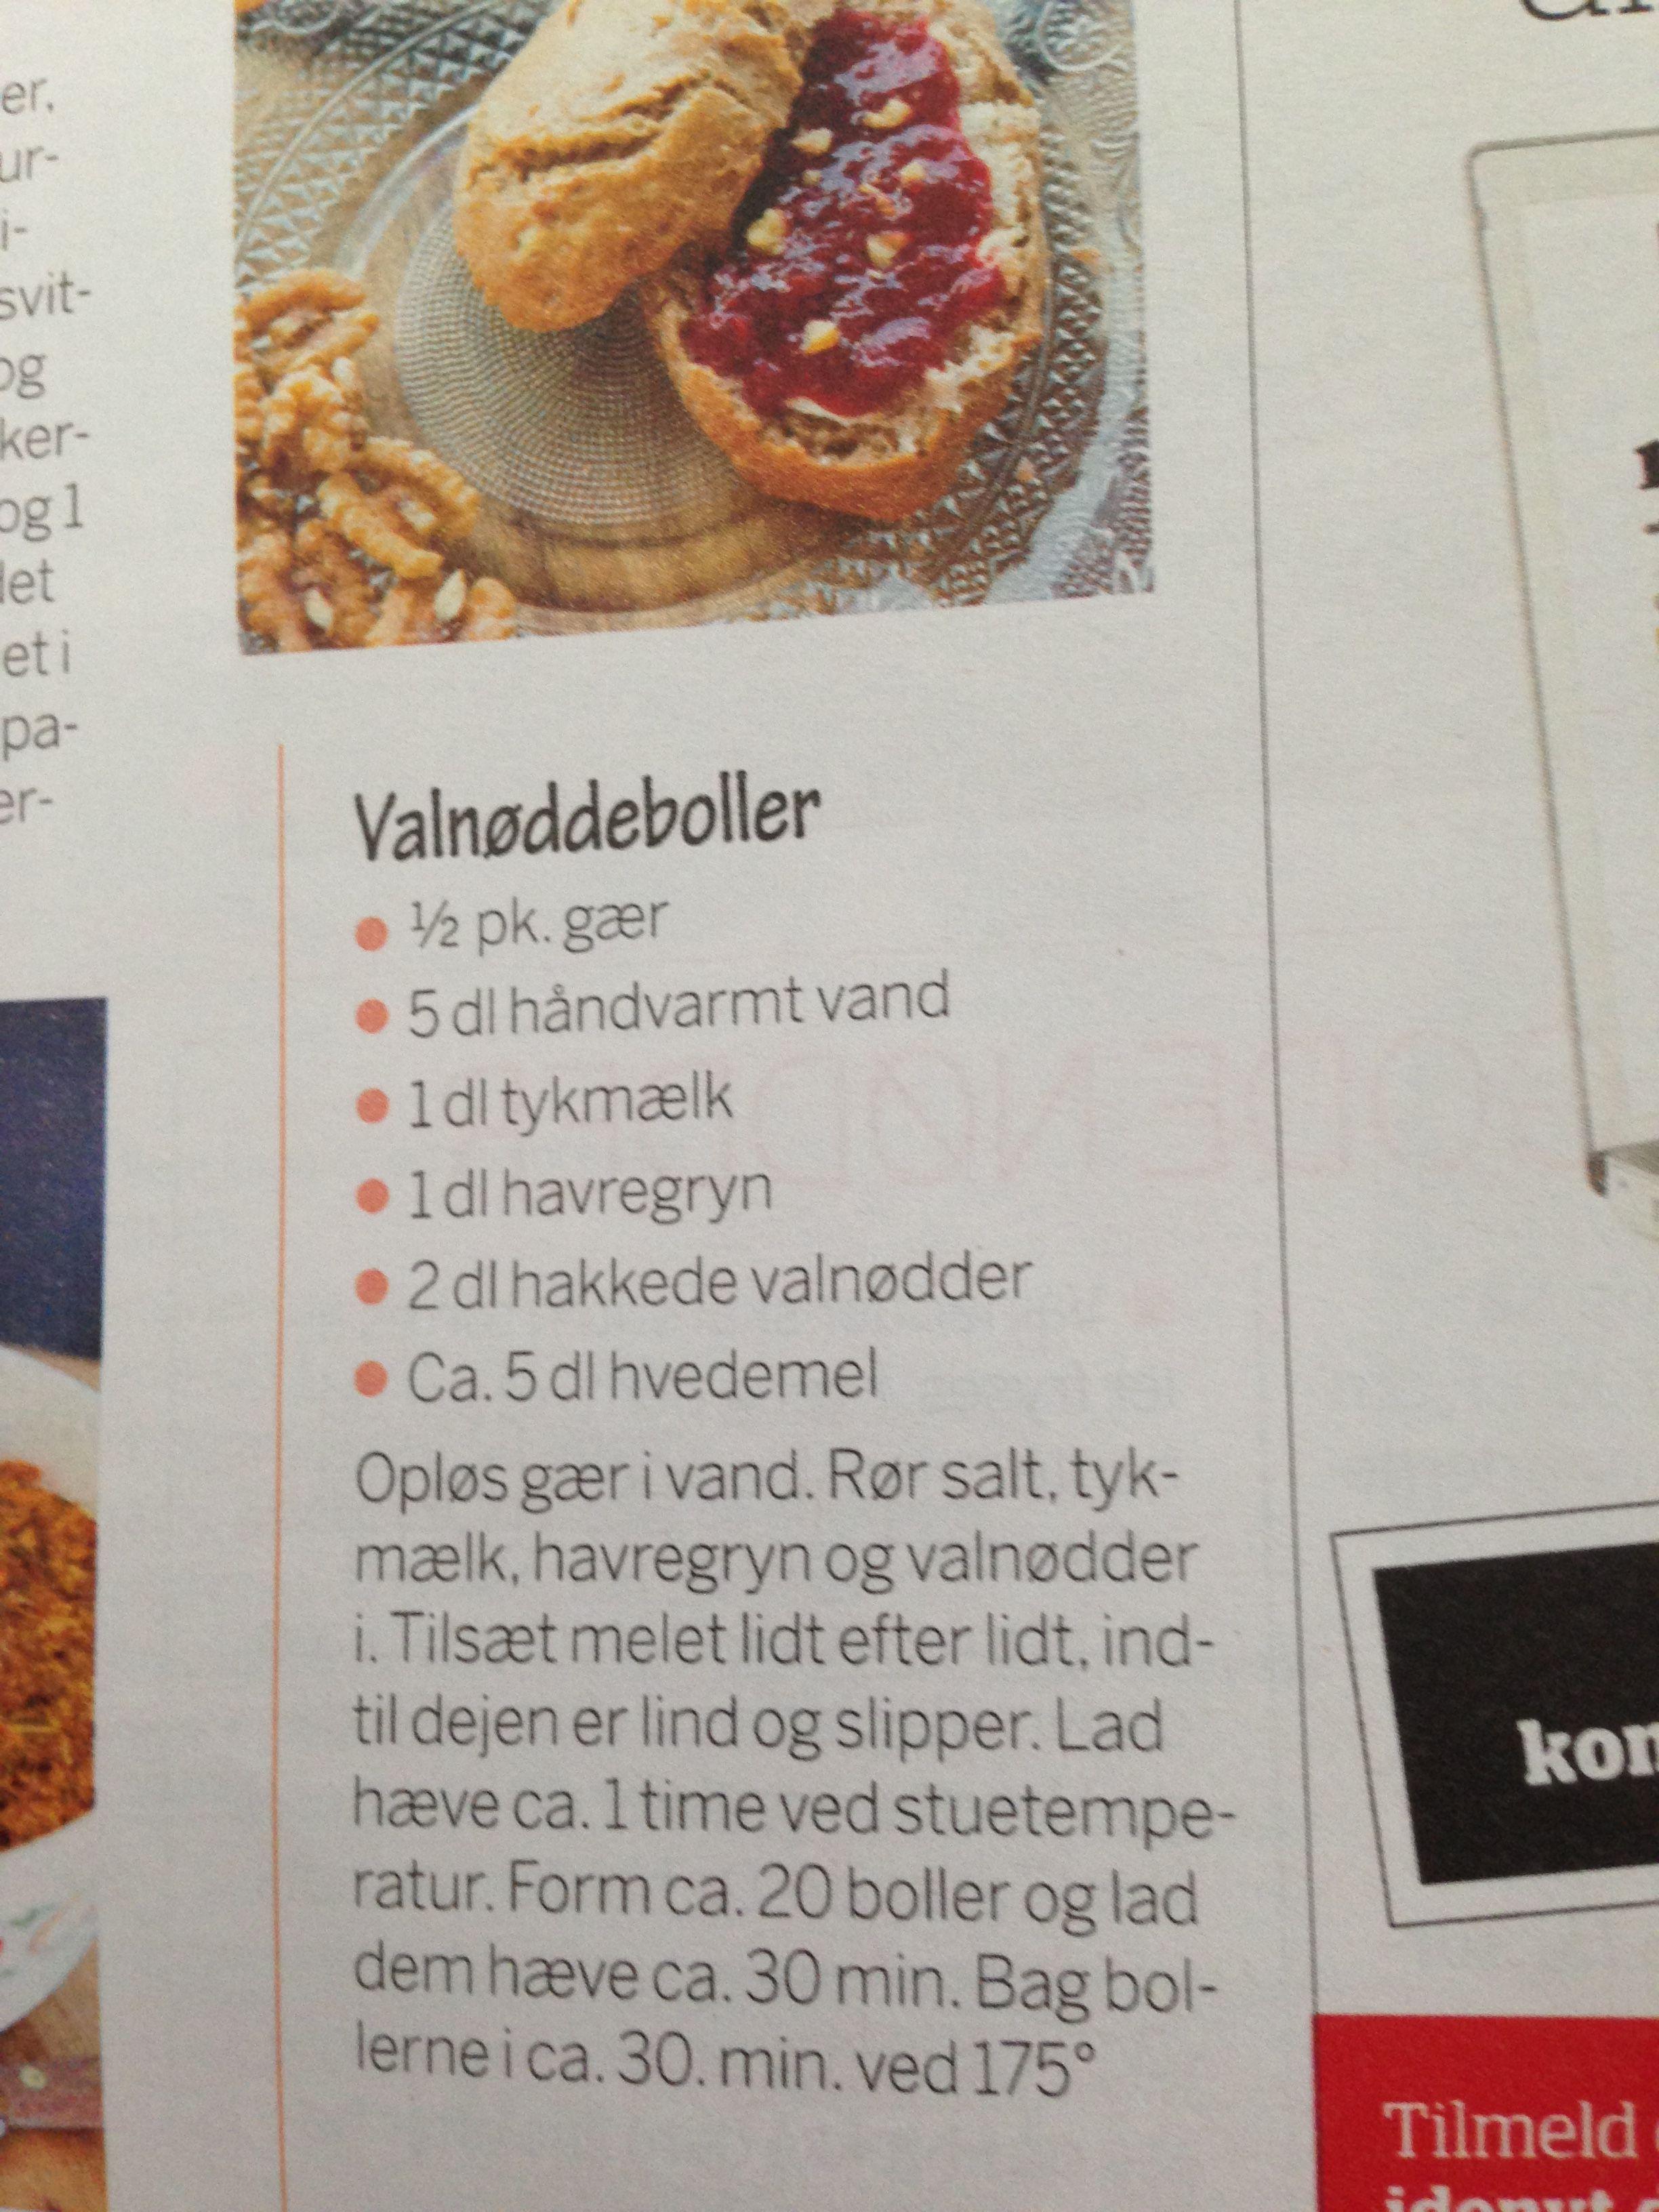 Valnødde Boller Brød Boller Kiks Og Knækbrød I 2019 Pinterest